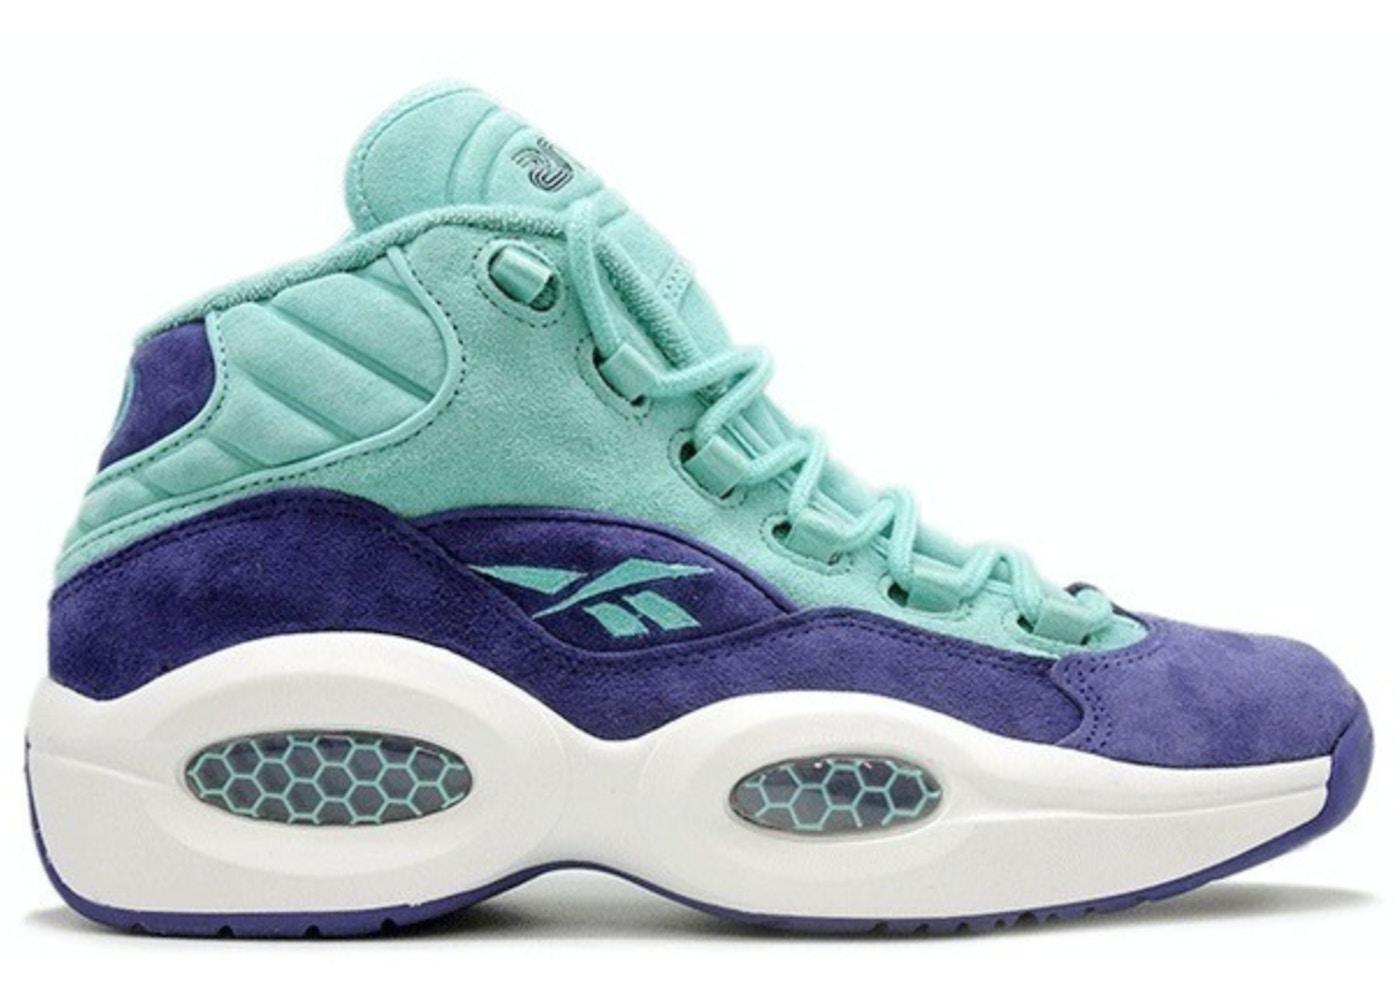 1bd5f95e8b22 Buy Reebok Size 15 Shoes   Deadstock Sneakers